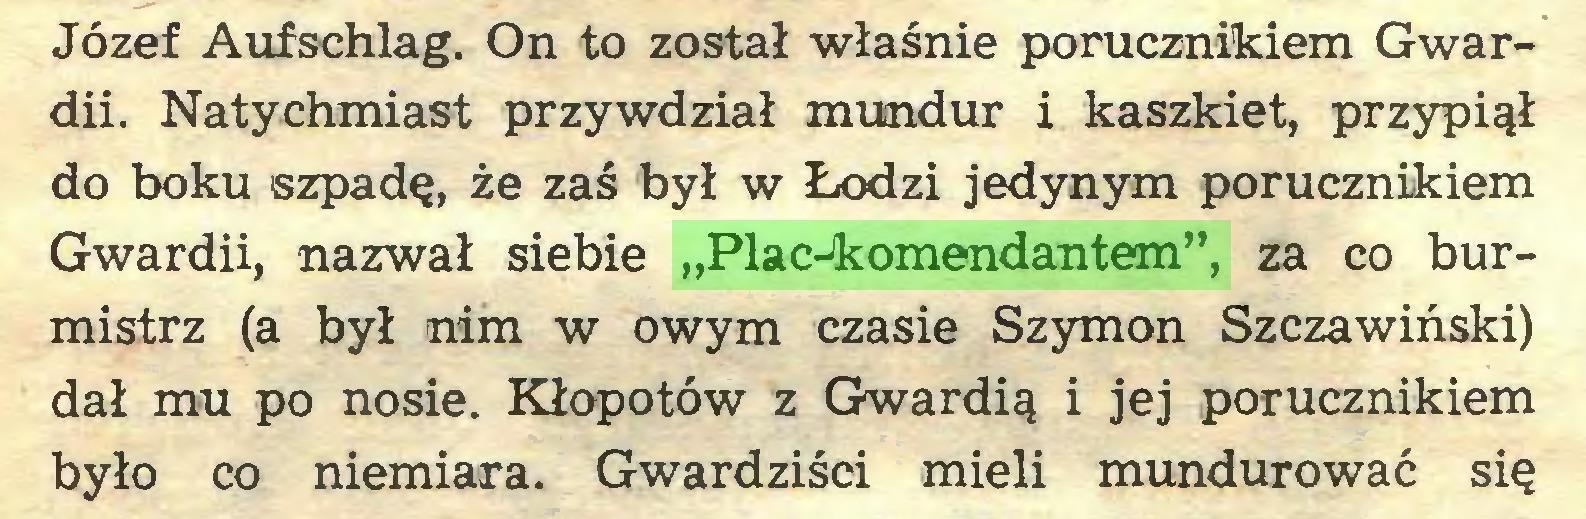 """(...) Józef Aufschlag. On to został właśnie porucznikiem Gwardii. Natychmiast przywdział mundur i kaszkiet, przypiął do boku szpadę, że zaś był w Łodzi jedynym porucznikiem Gwardii, nazwał siebie """"Plac-komendantem"""", za co burmistrz (a był nim w owym czasie Szymon Szczawiński) dał mu po nosie. Kłopotów z Gwardią i jej porucznikiem było co niemiara. Gwardziści mieli mundurować się..."""